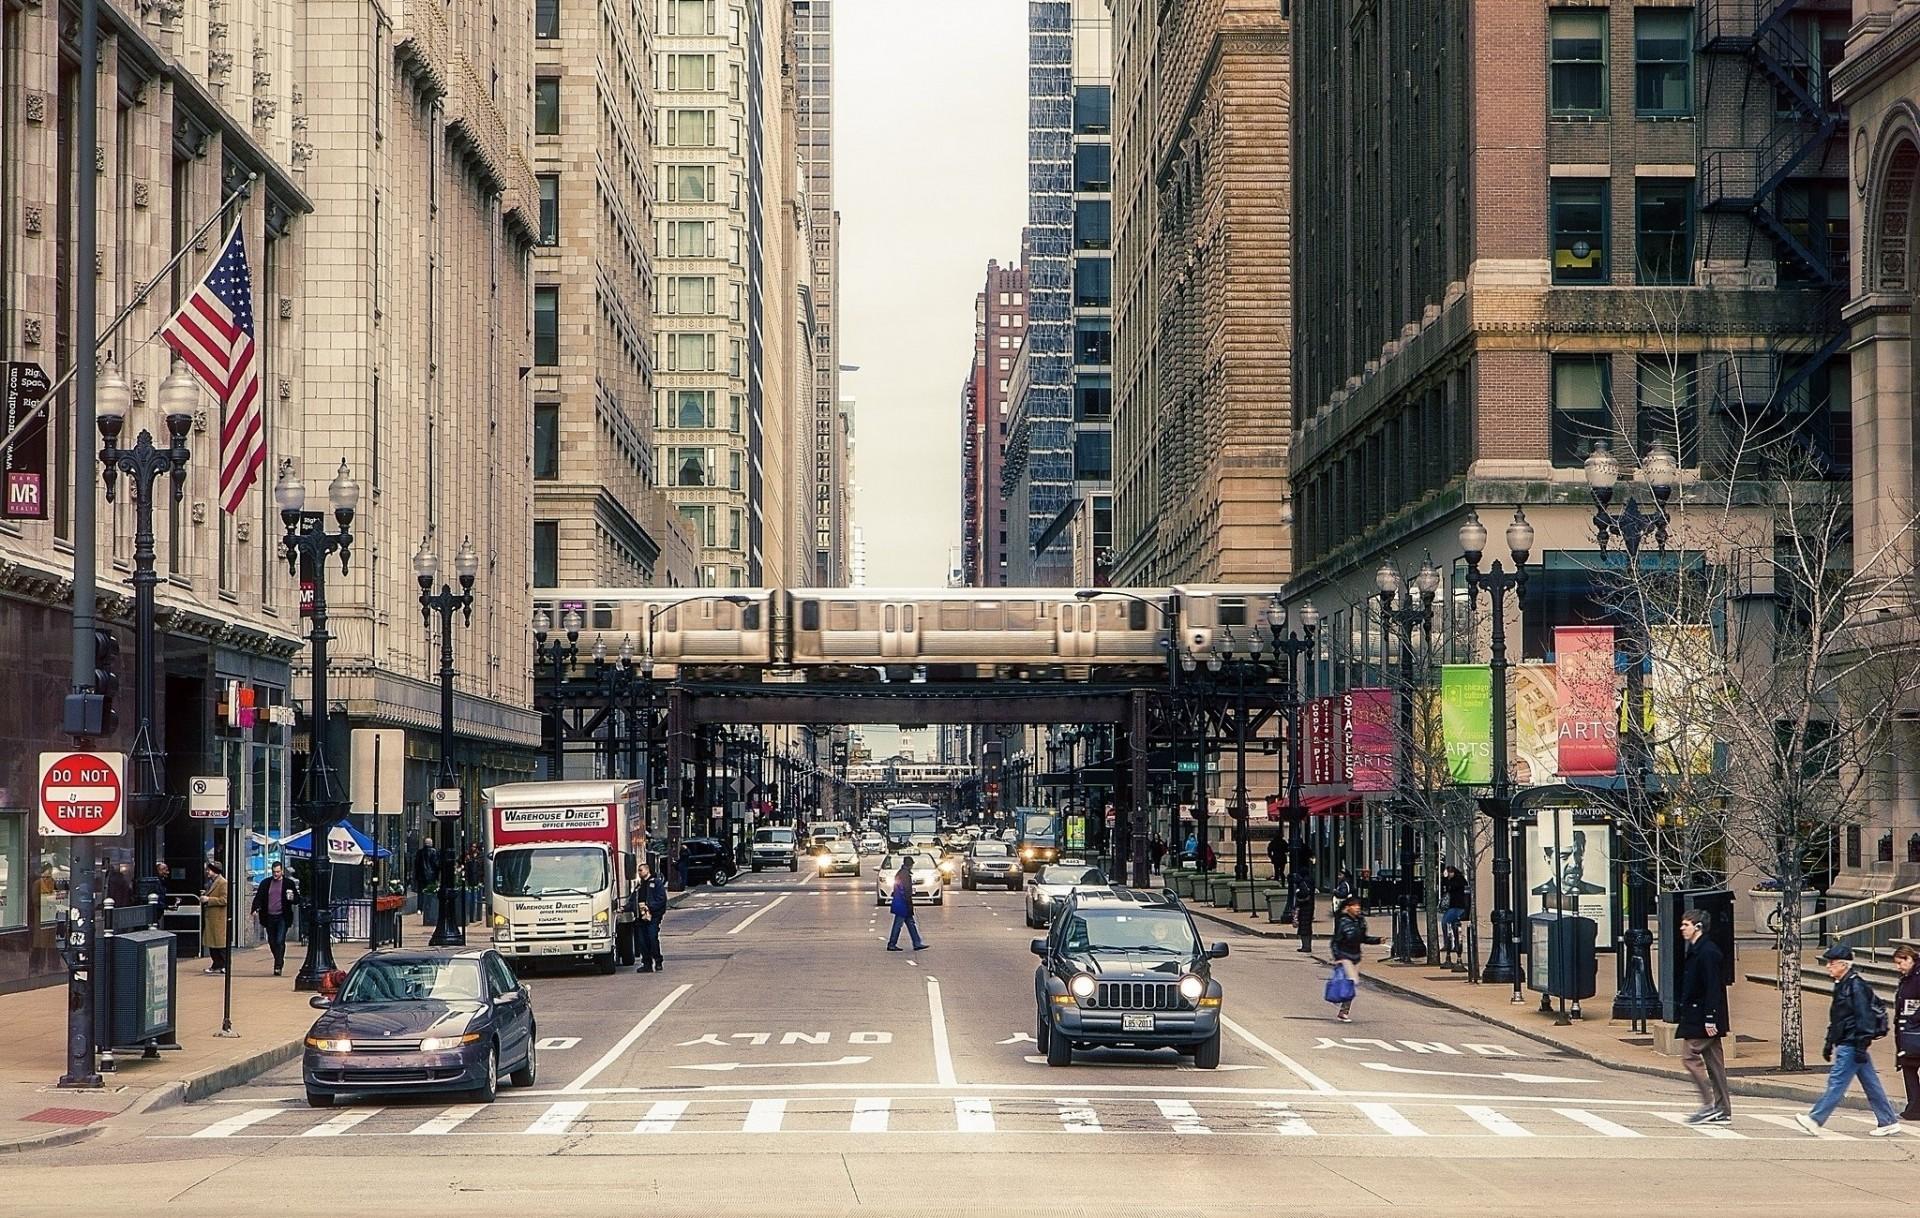 Stock Photo Agencies A Photo Editor Photo editor jobs chicago